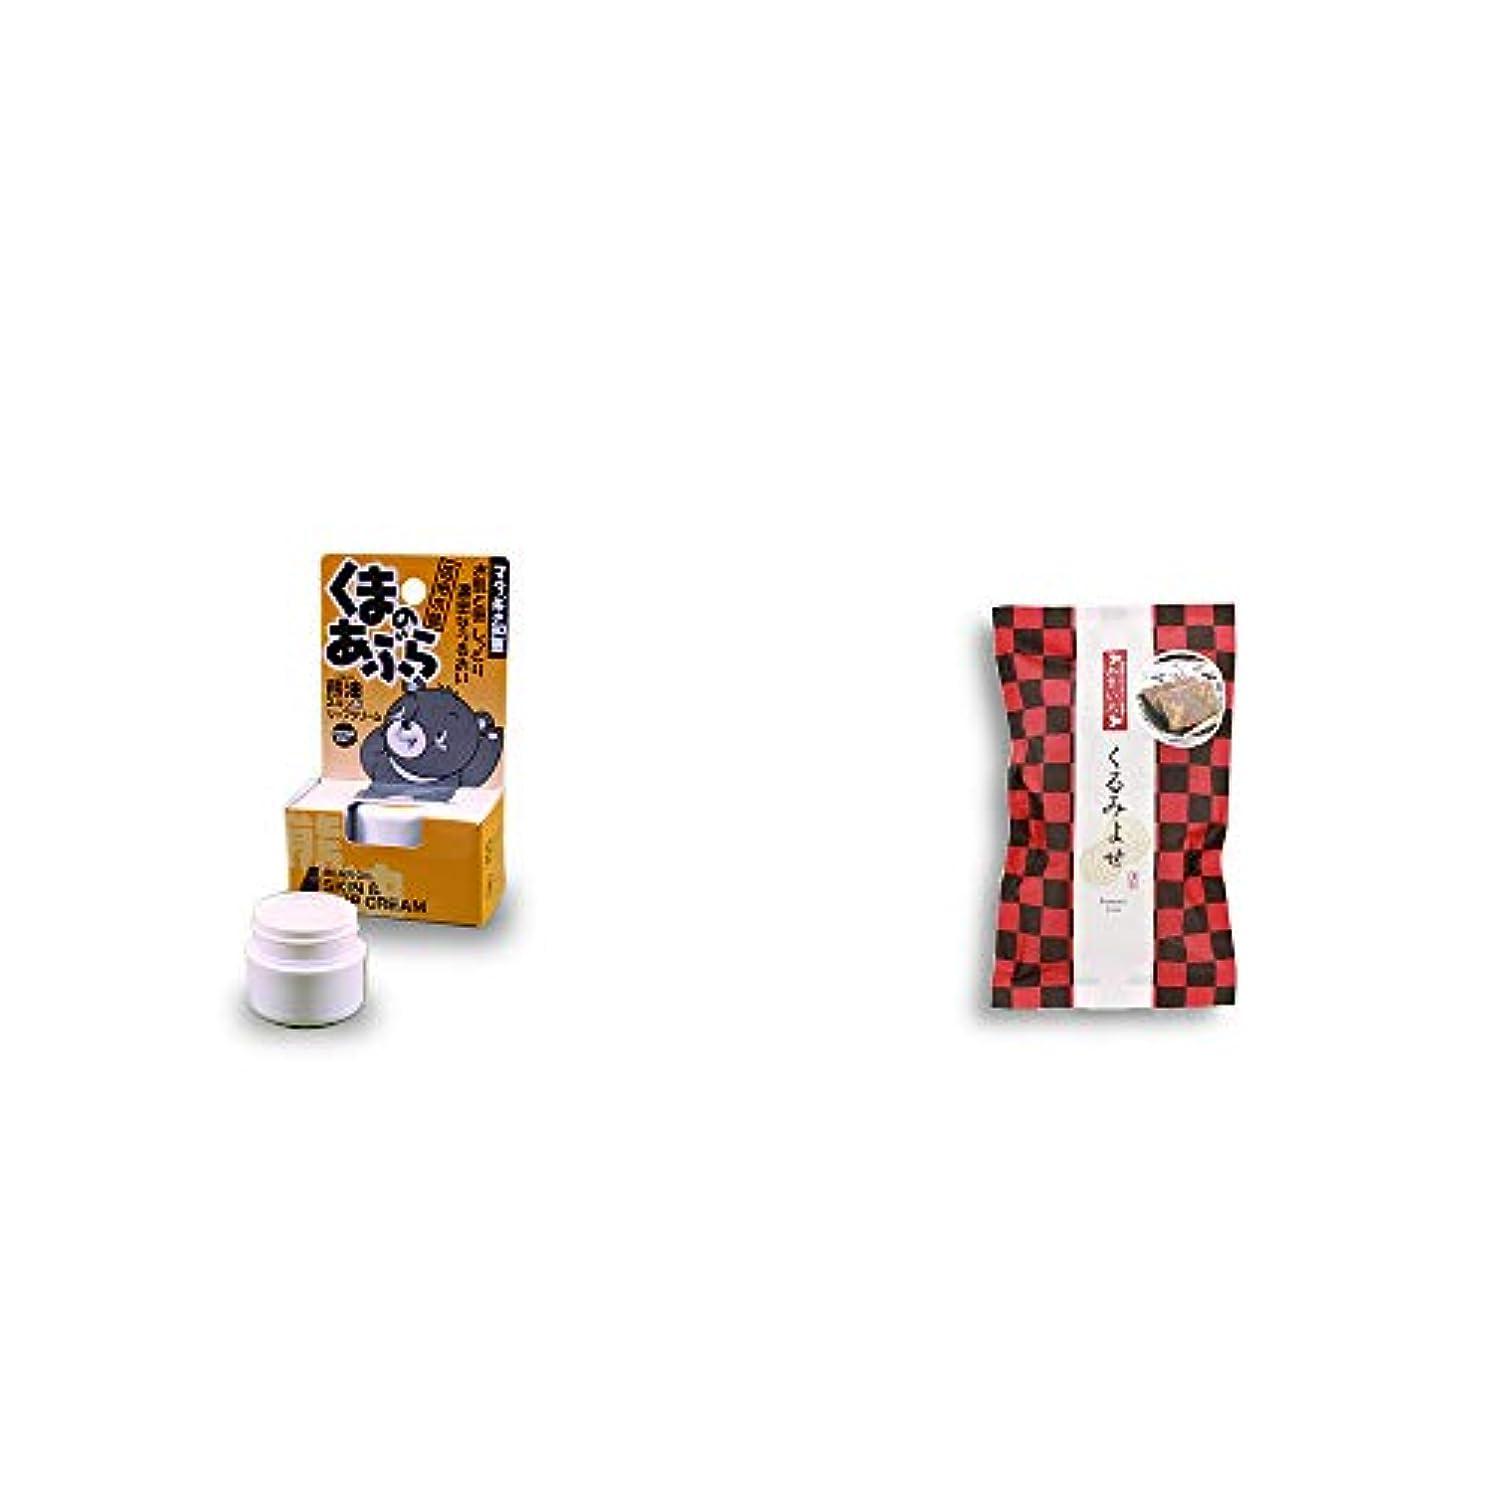 疑わしい事務所息を切らして[2点セット] 信州木曽 くまのあぶら 熊油スキン&リップクリーム(9g)?くるみよせ(こし餡)(5個入)